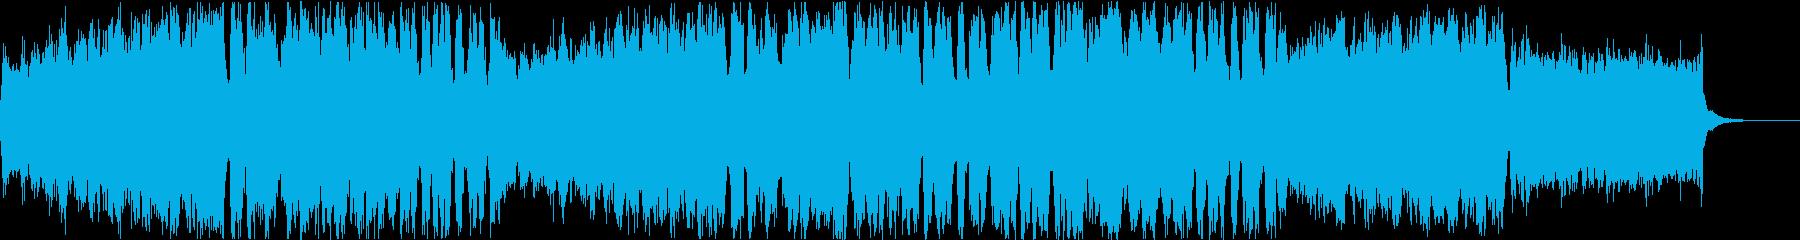 旧支配者のキャロル、オーケストラの再生済みの波形